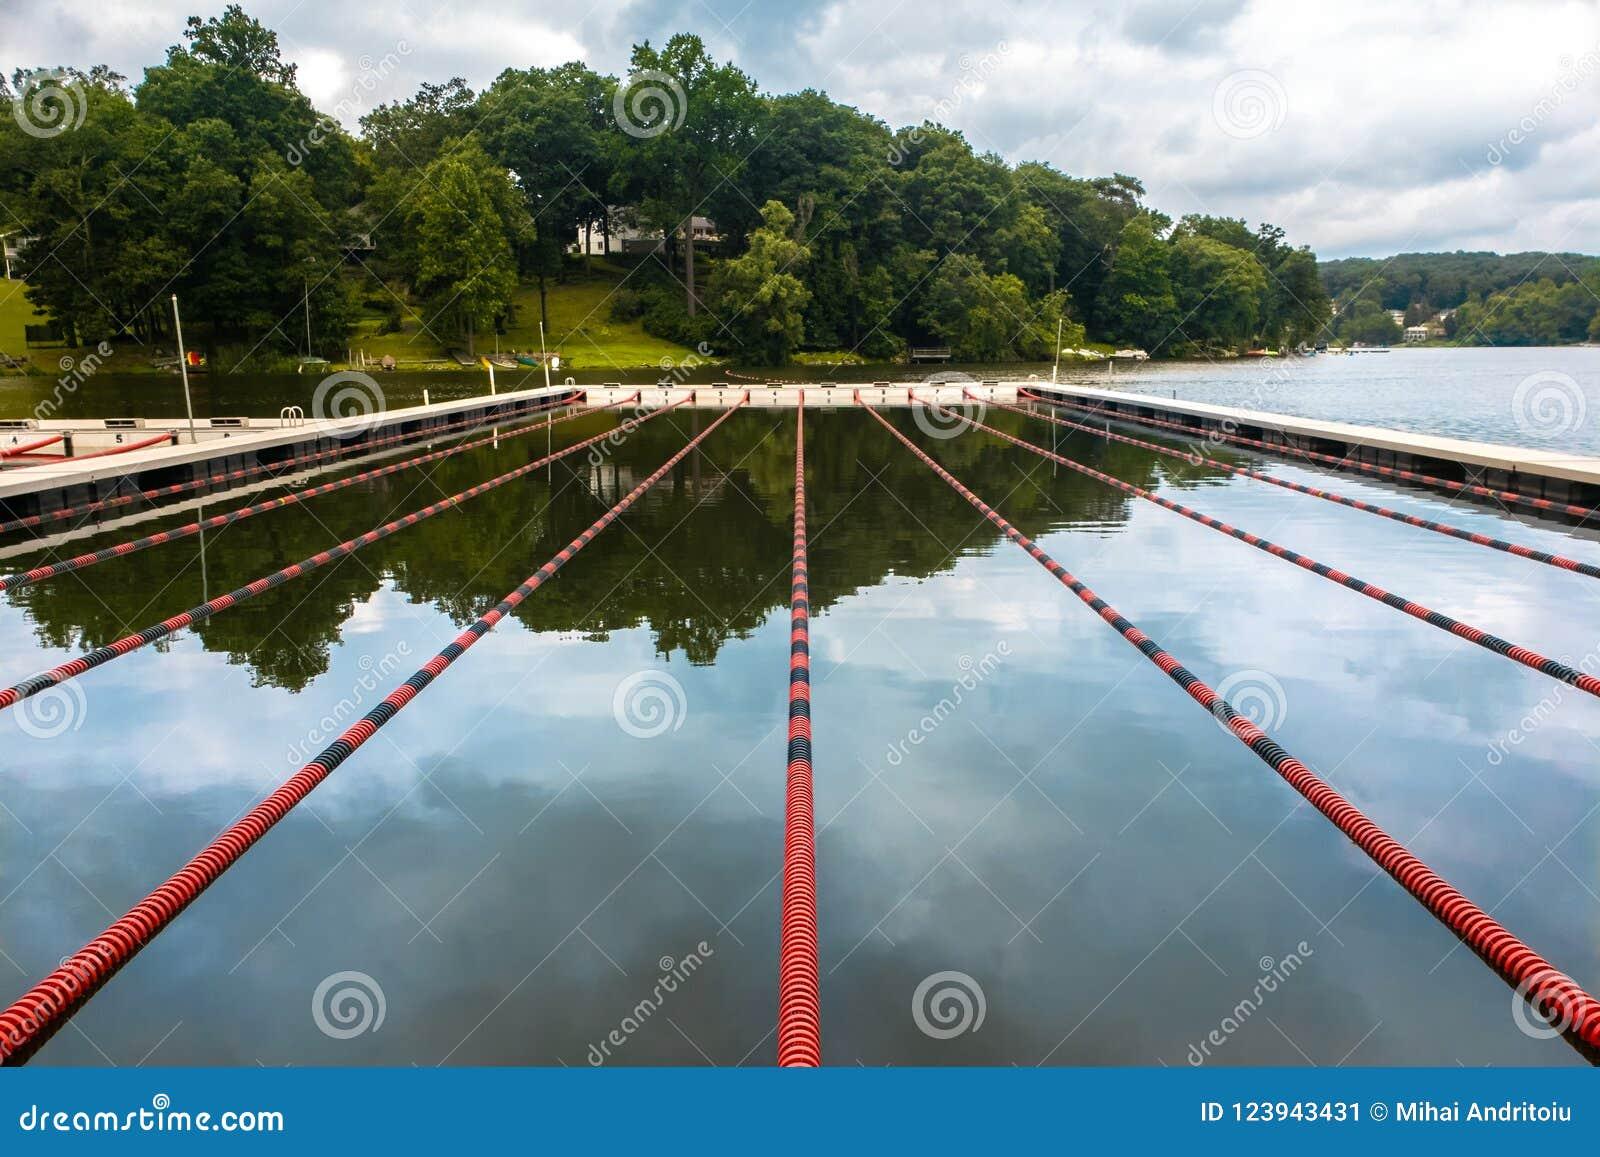 Carriles de natación en un lago